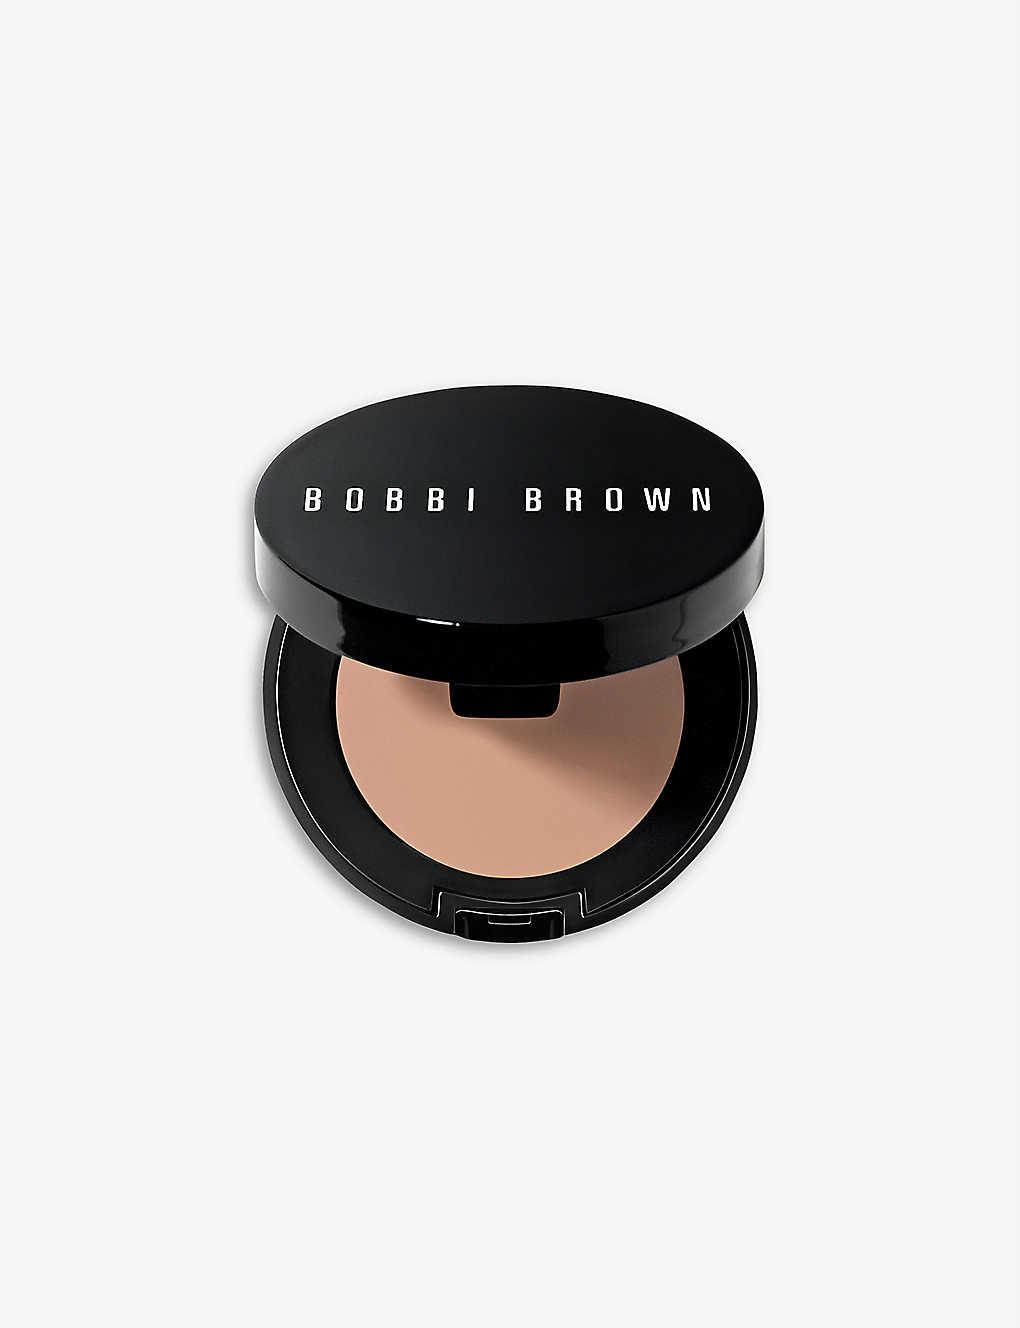 BOBBI BROWN: Creamy Corrector